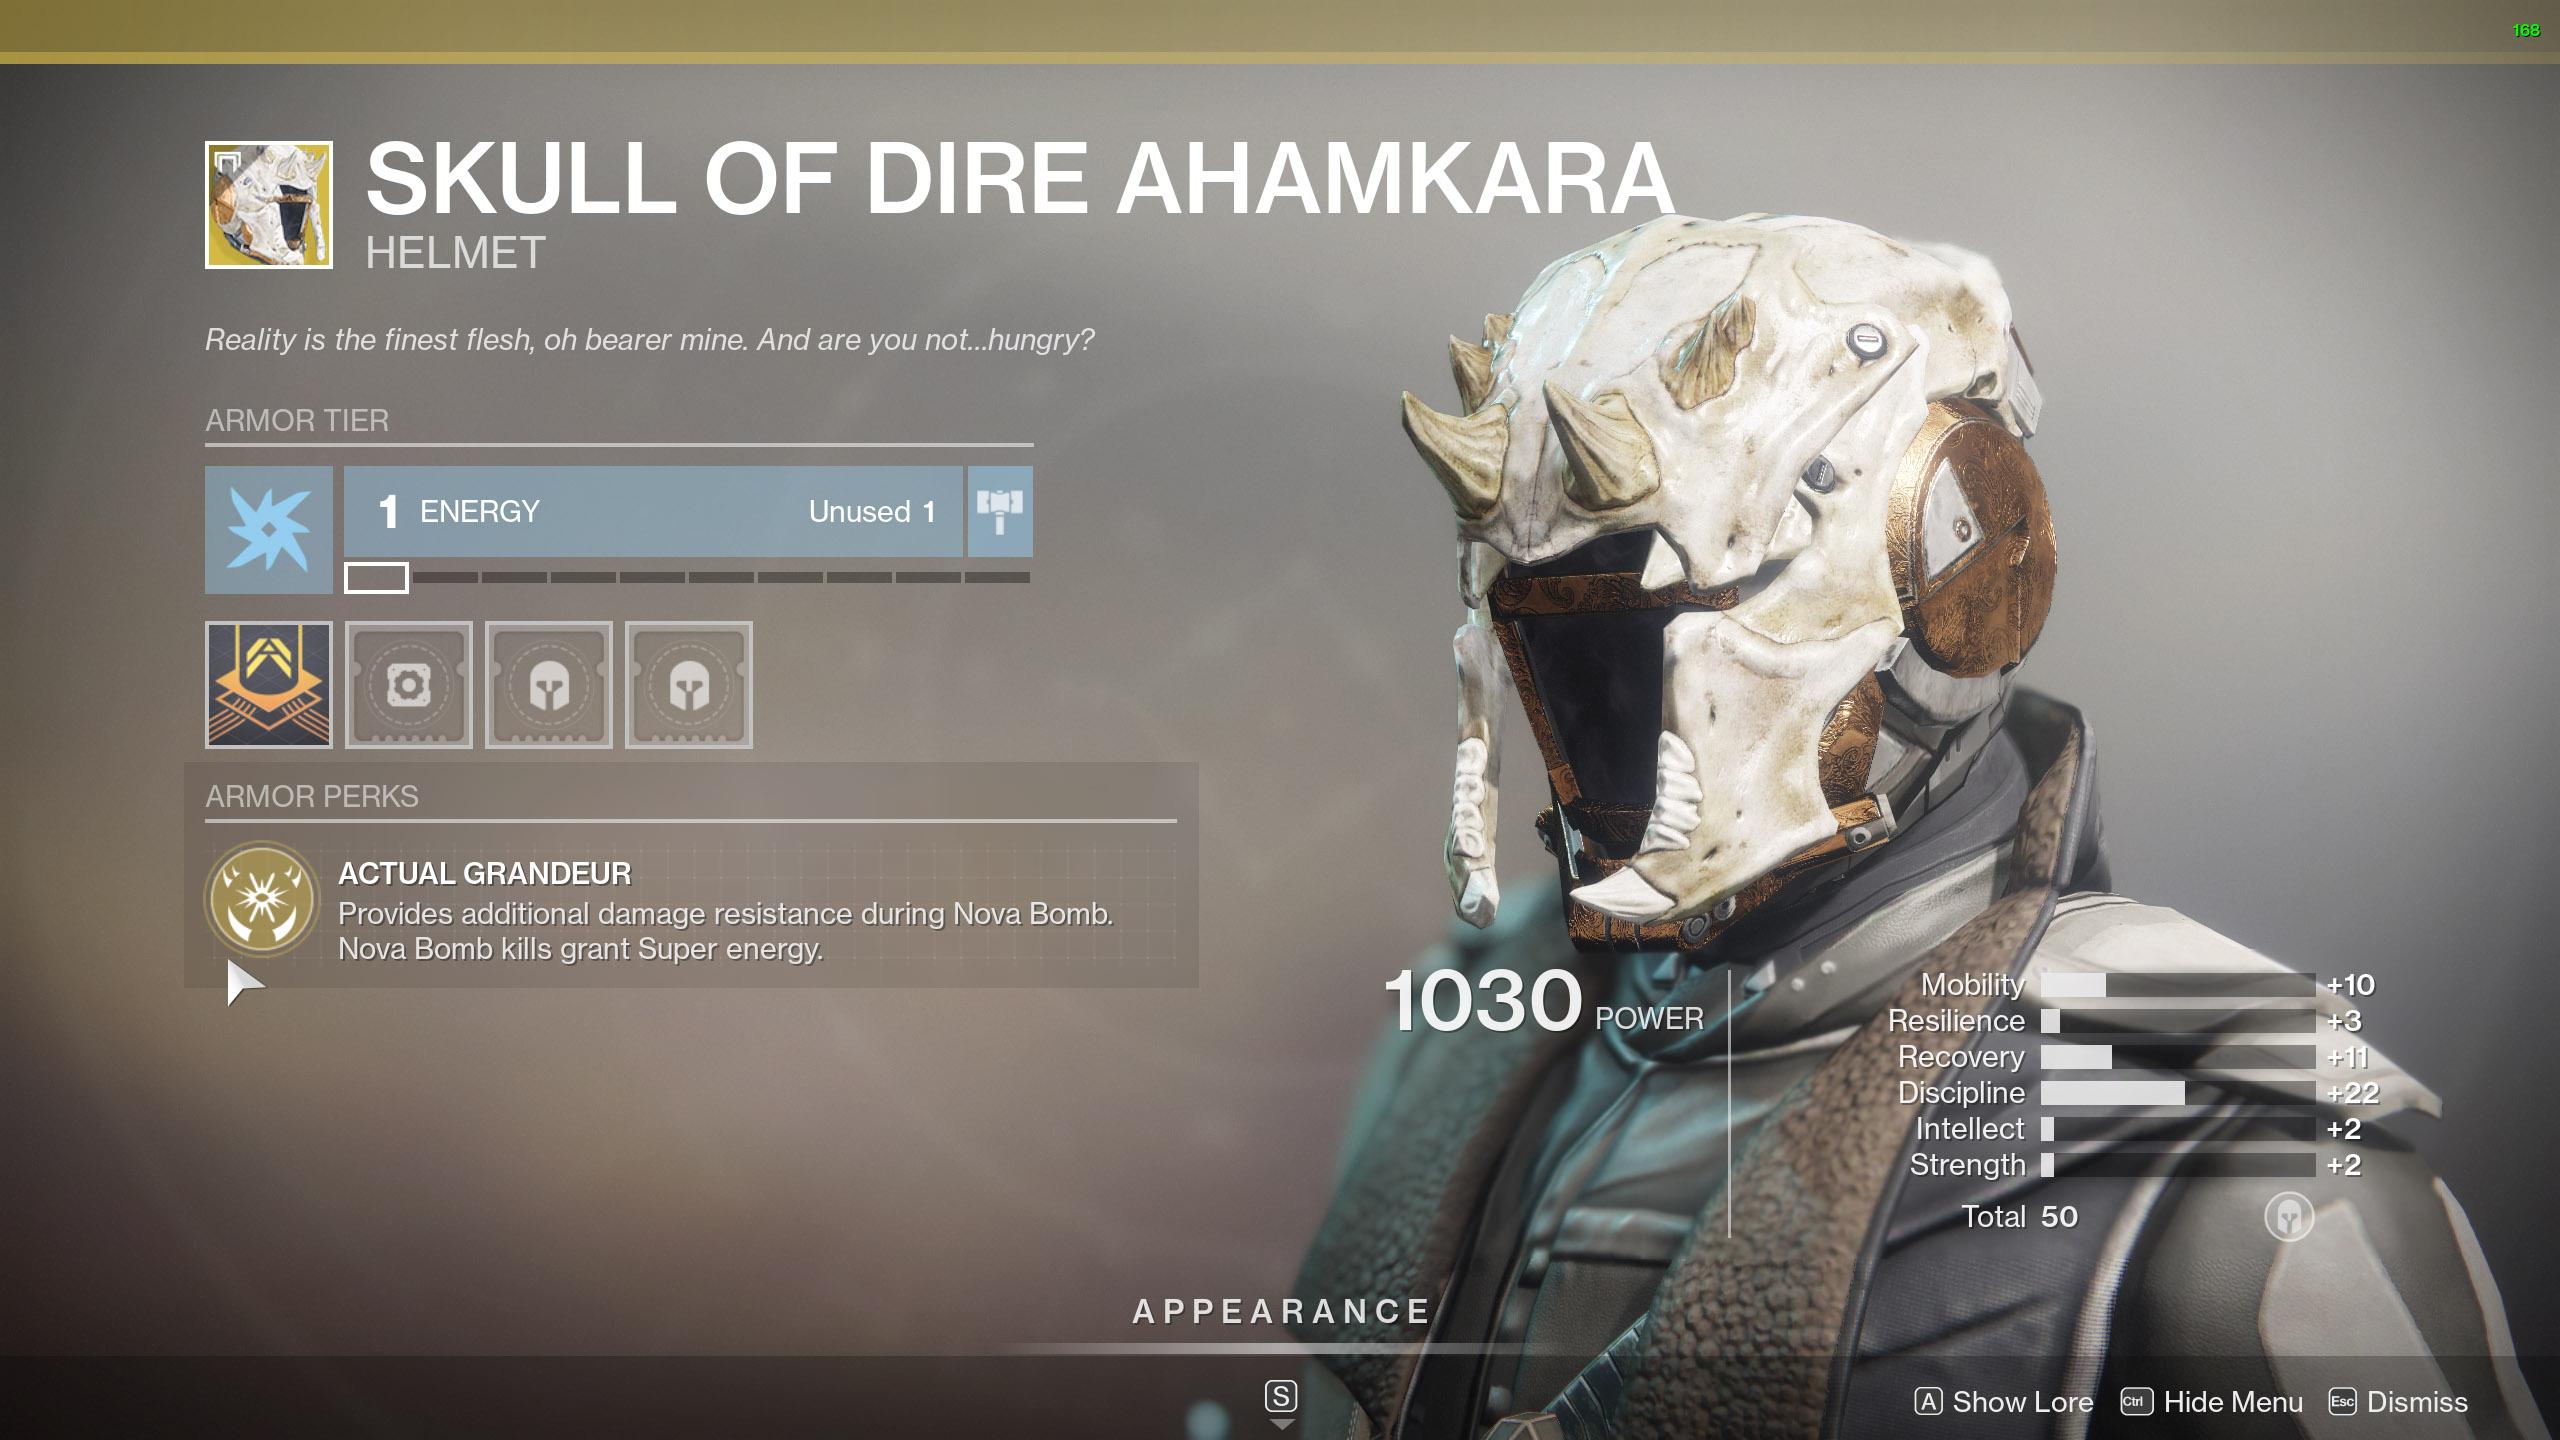 Destiny 2 Warlock Exotic Armor Skull of Dire Ahamkara